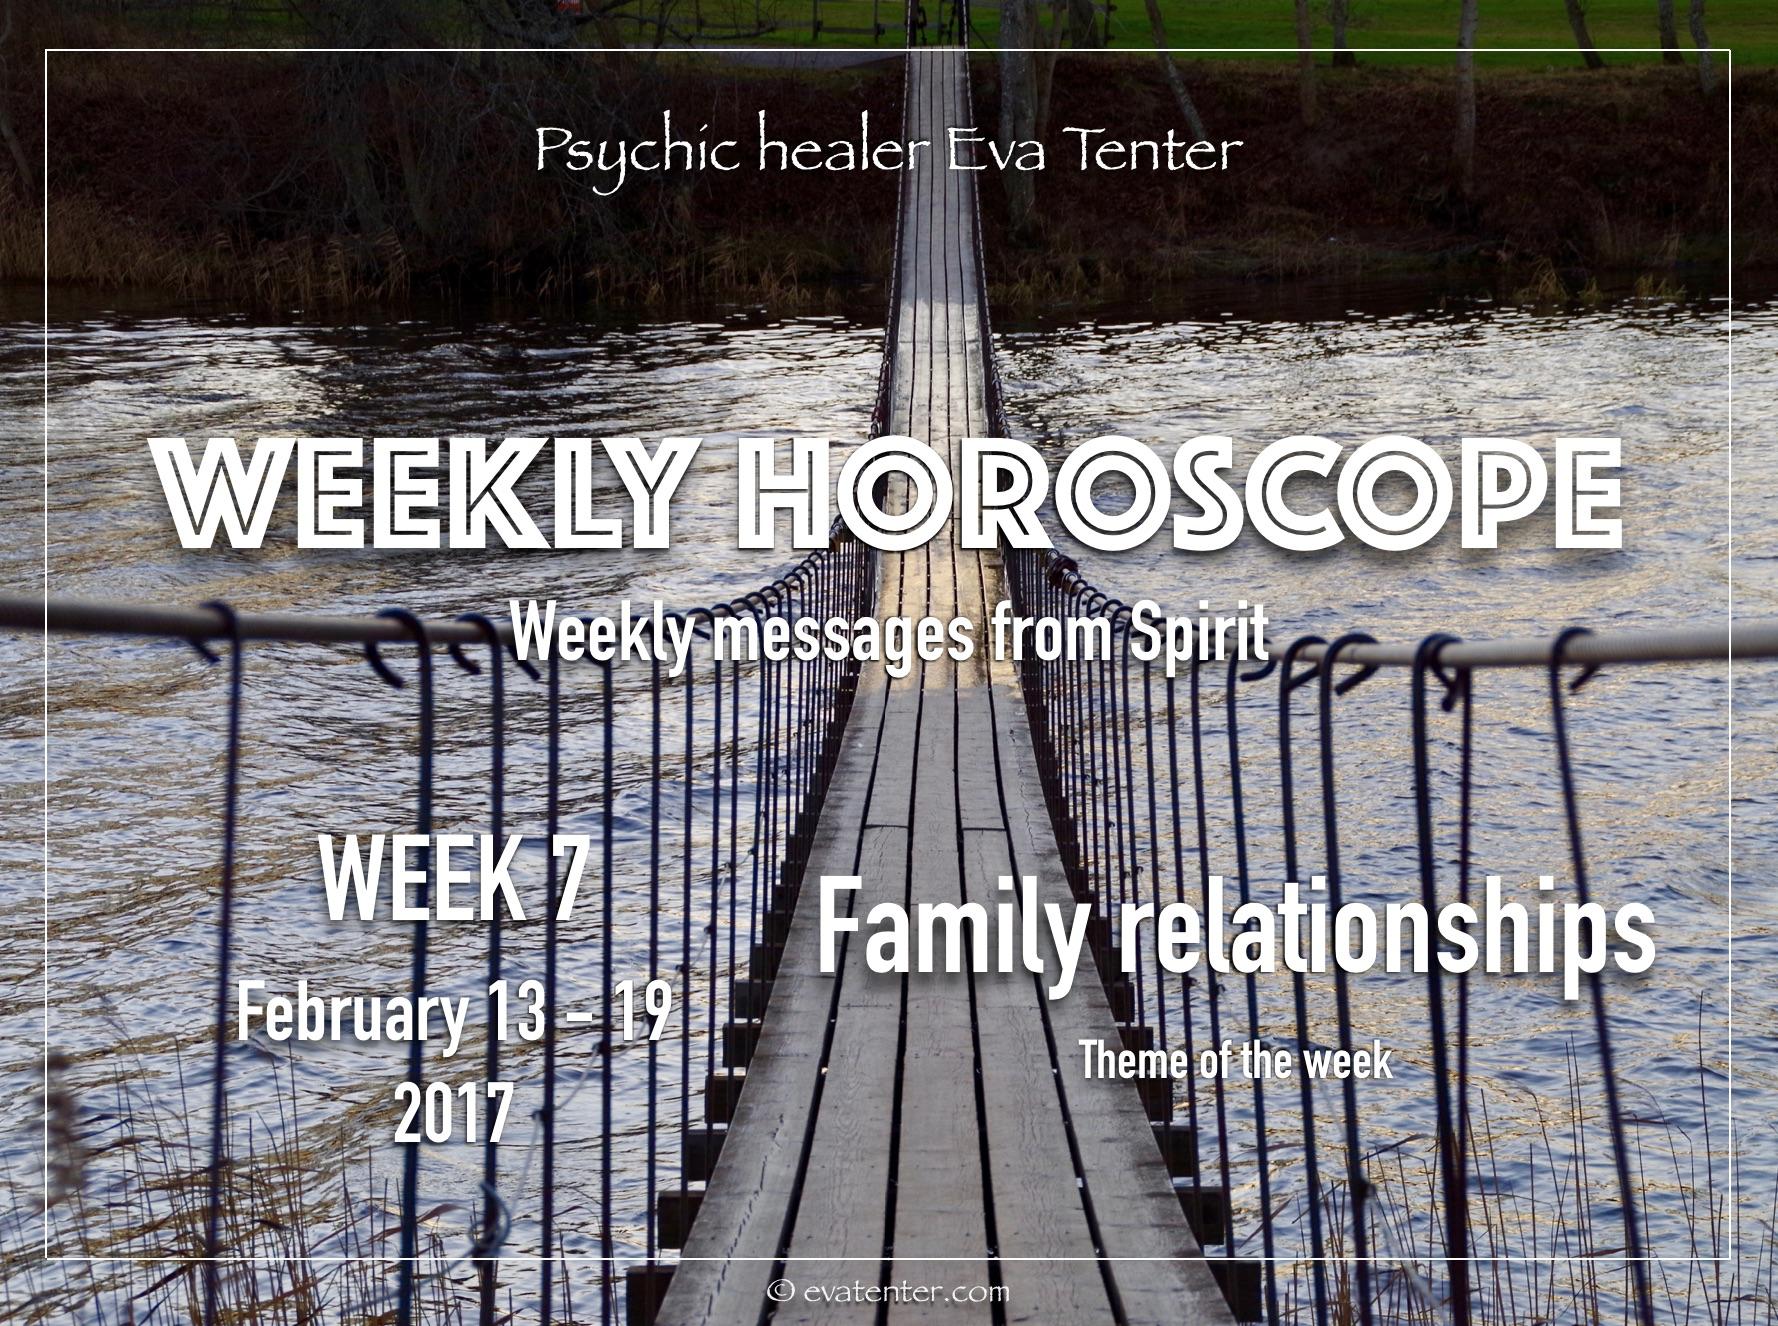 Weekly horoscope February 13-19, 2017 #horoscope #psychicreading